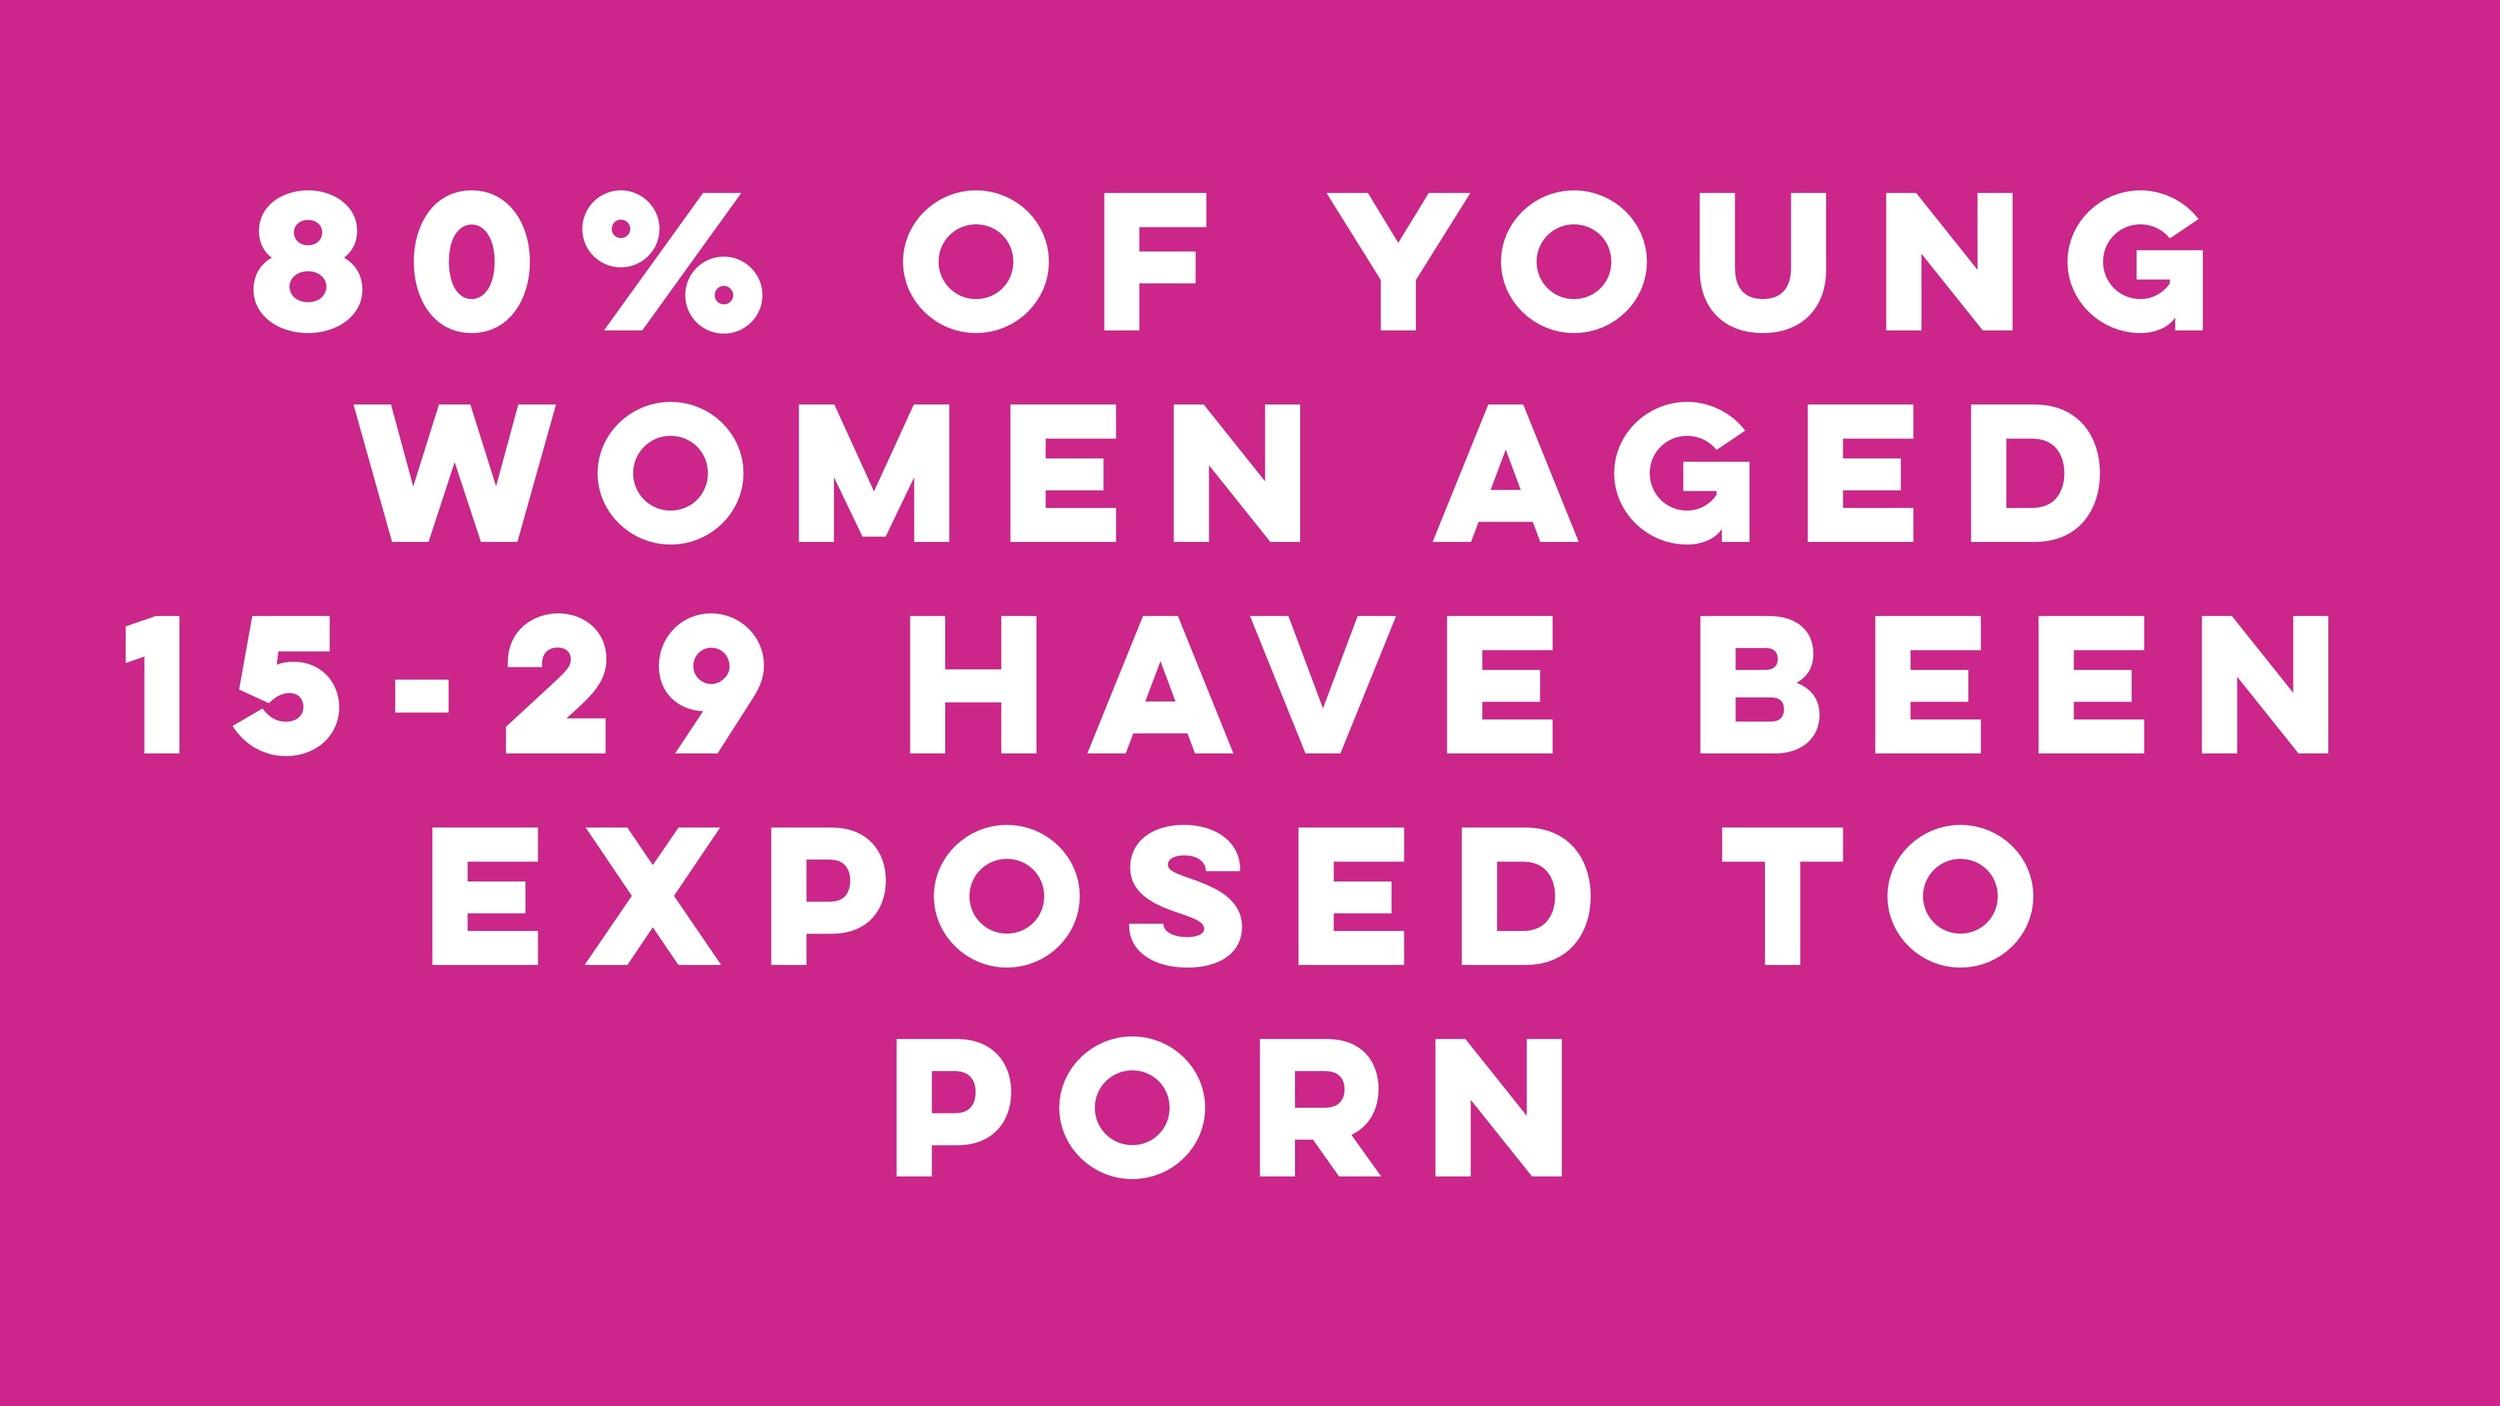 Exposure girls.jpg